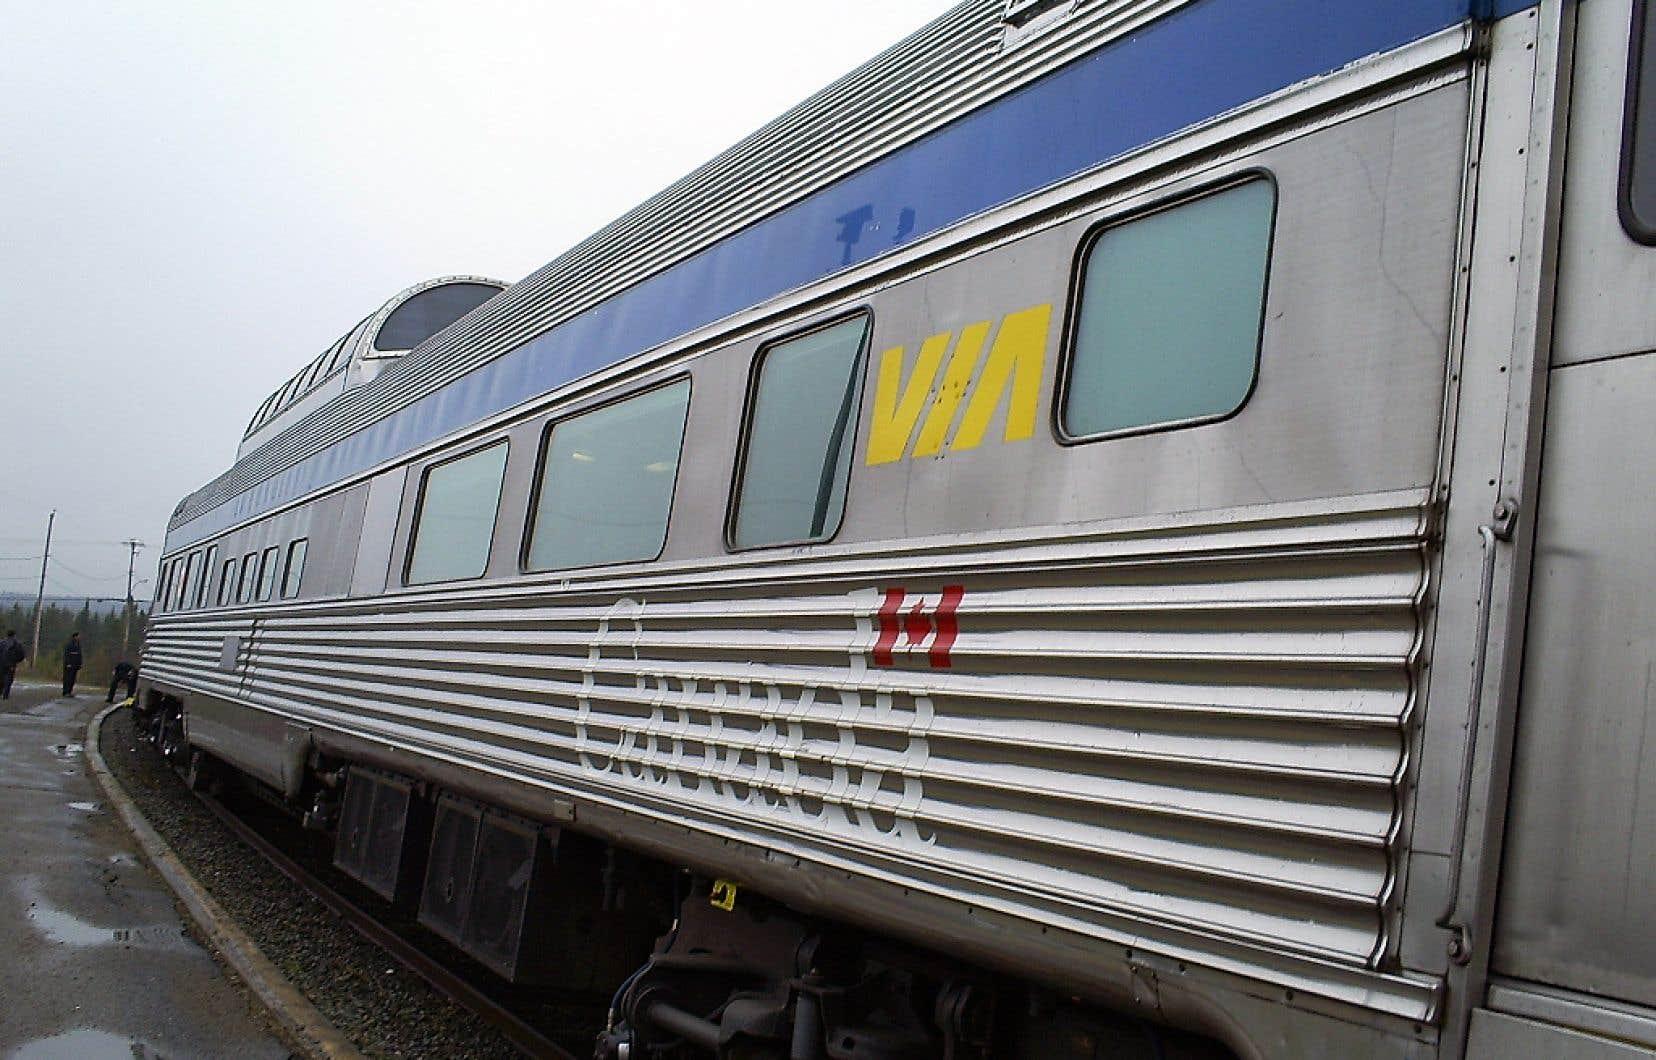 Via Rail procédera au renouvellement de son parc de locomotives et de voitures pour le corridor ferroviaire entre Québec et Windsor, en Ontario. La société de la Couronne lancera prochainement une demande de qualifications, qui sera suivie d'un appel d'offres.